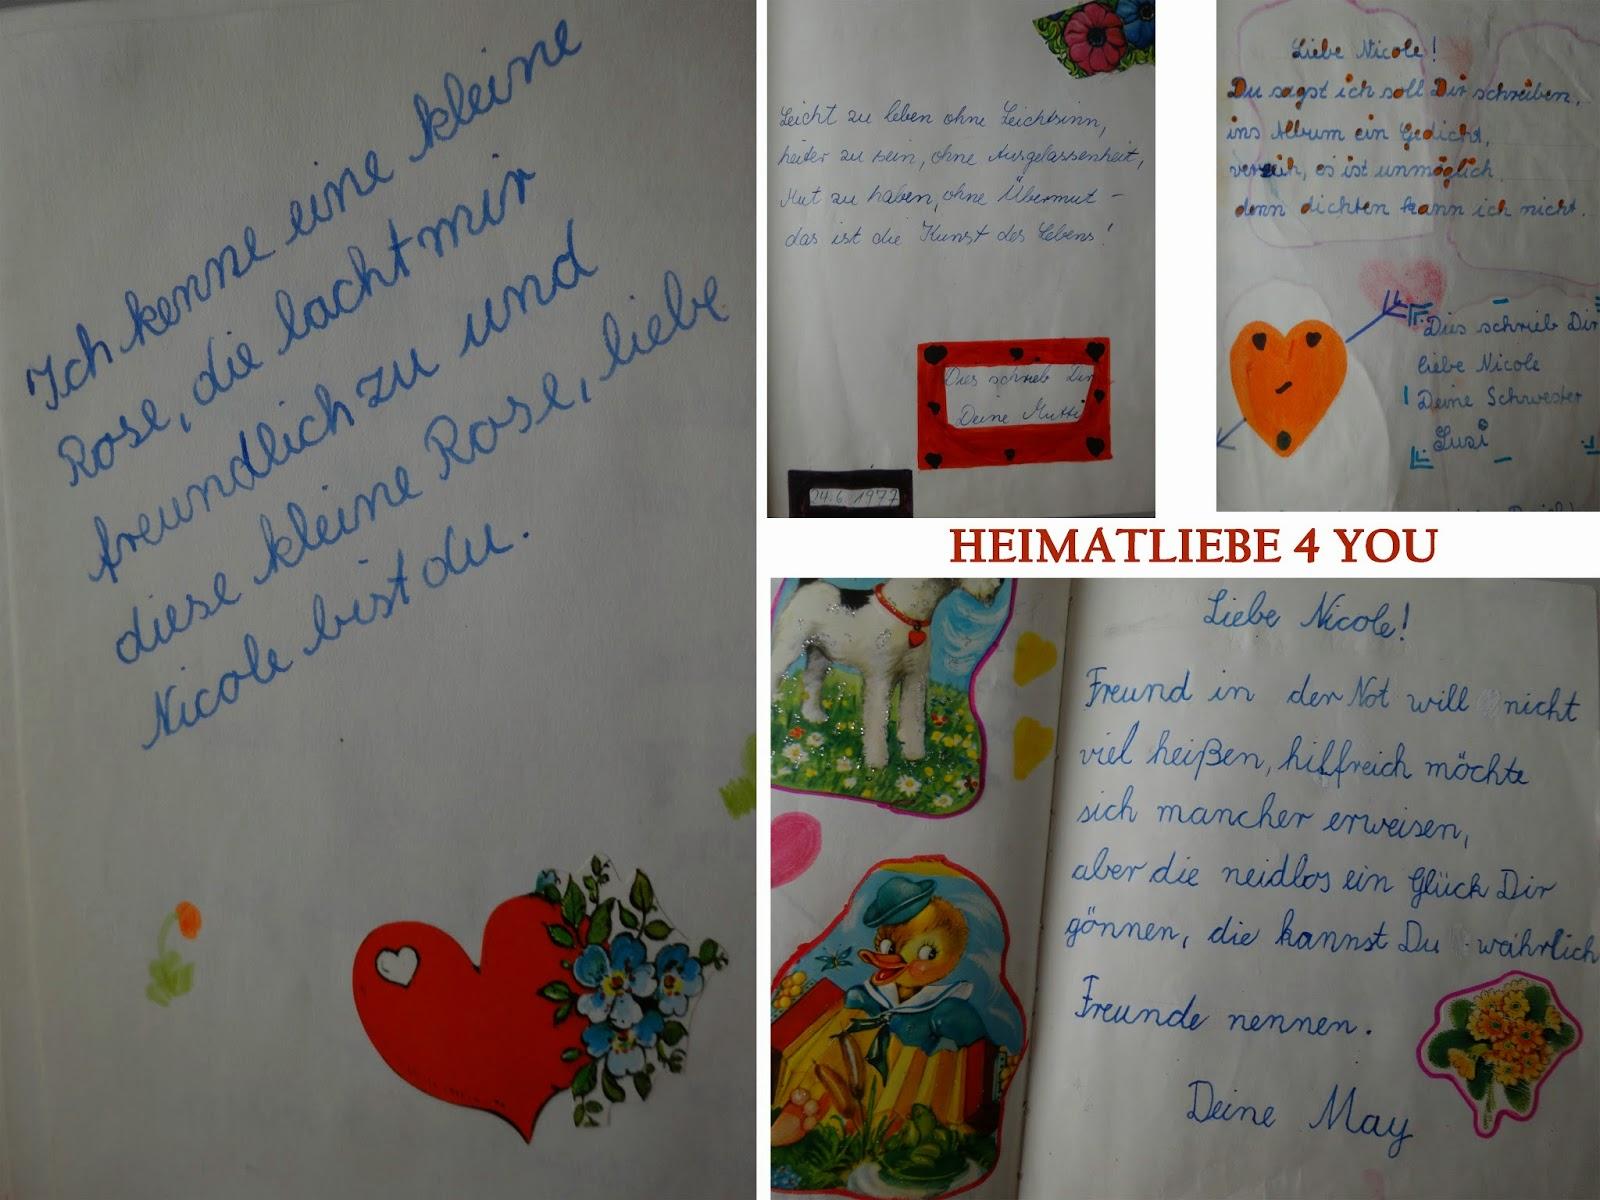 heimatliebe 4 you: heim@ - poesie meets album